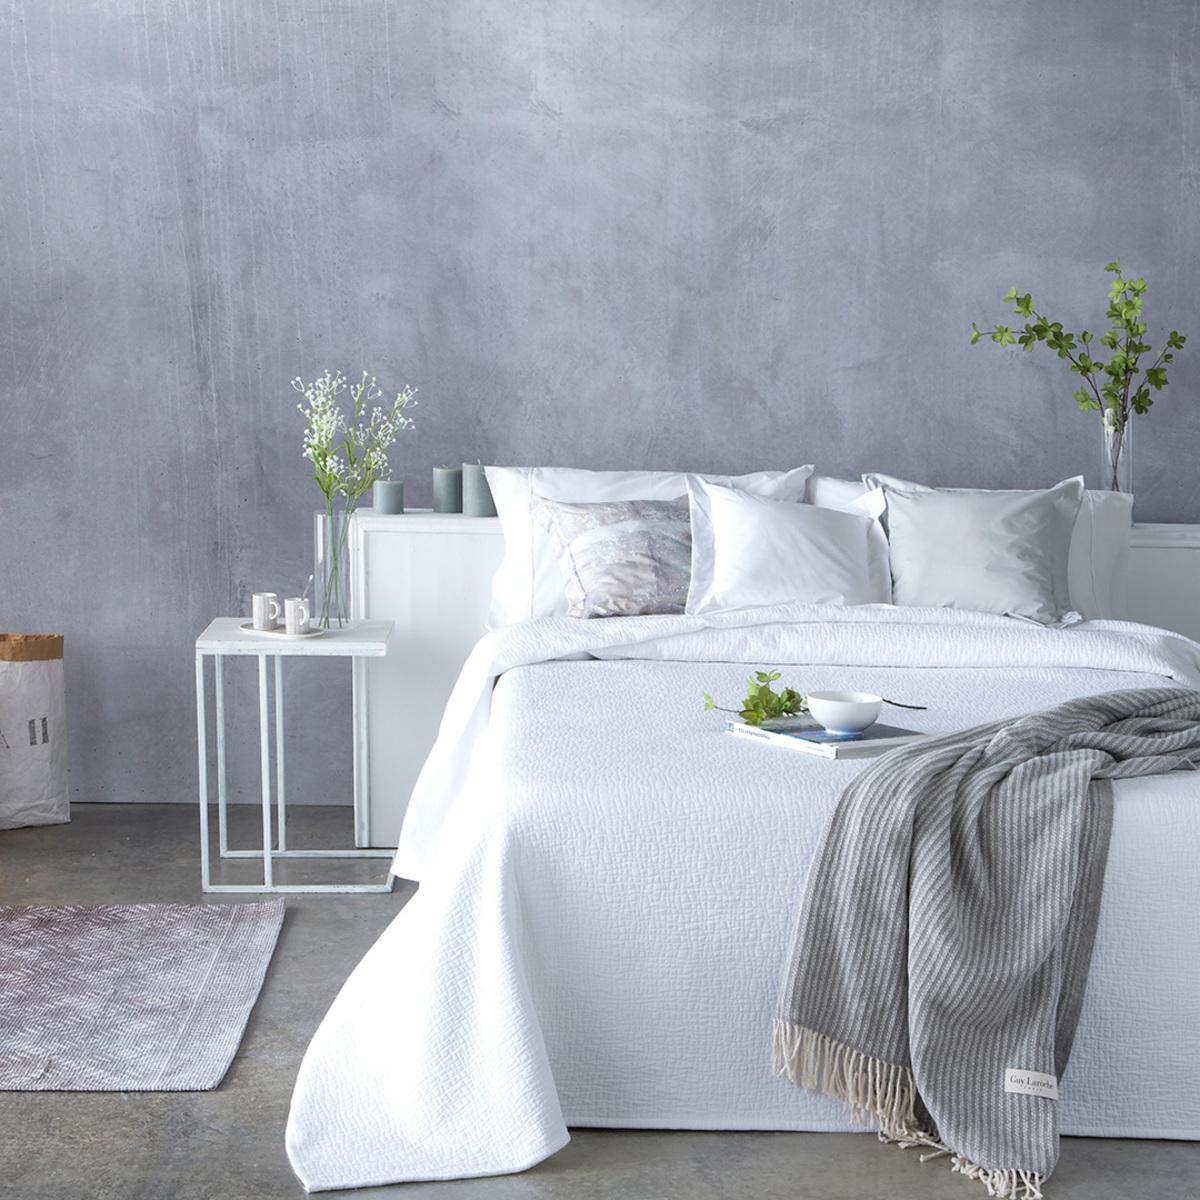 Couvre lit en coton blanc 250x270